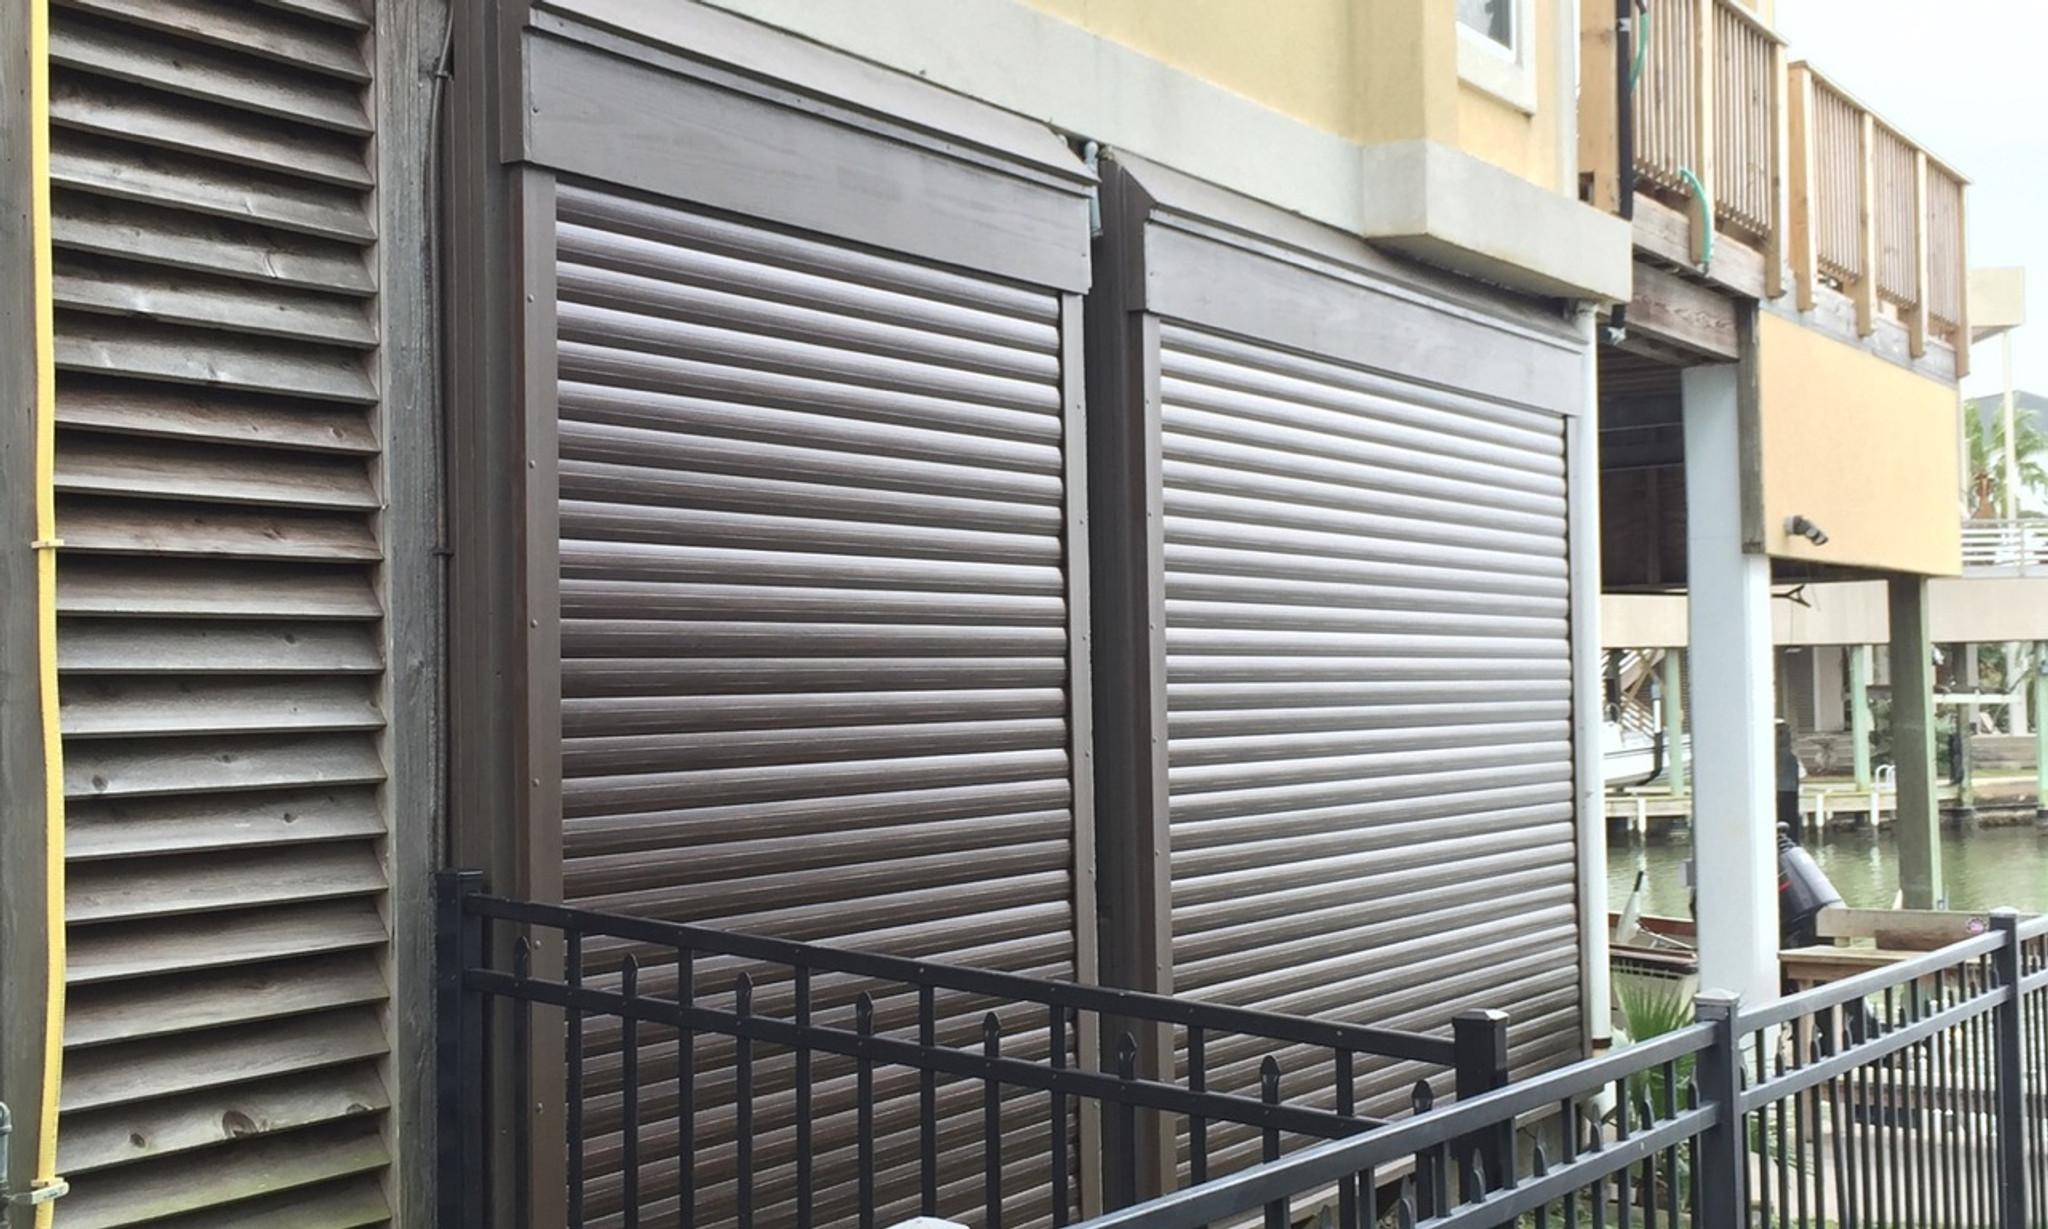 All Guard Shutters roller shutters, roll up shutters, hurricane shutters, storm